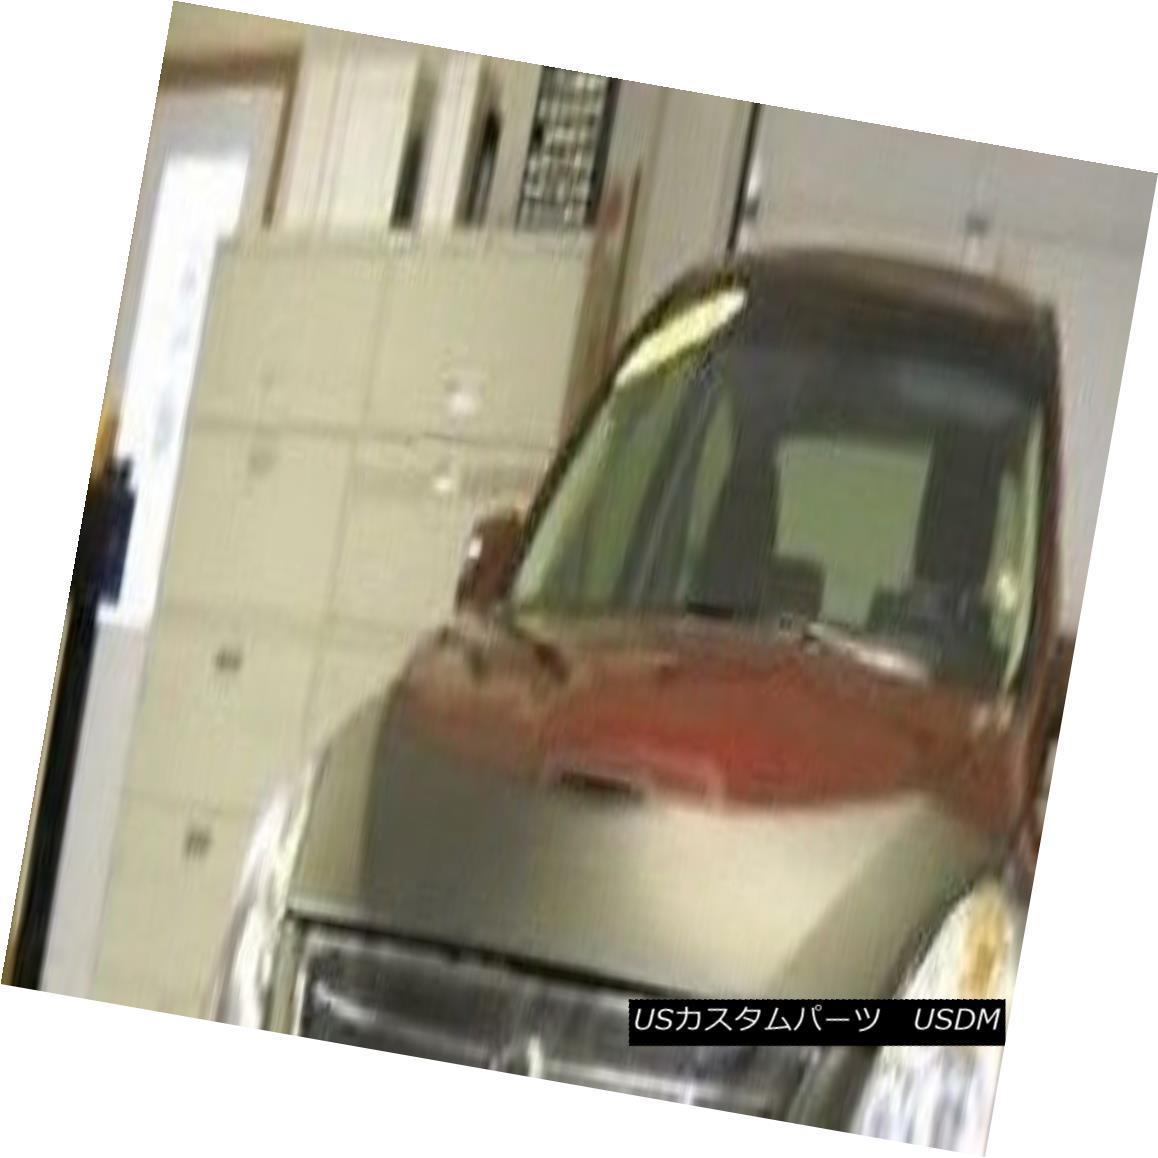 フルブラ ノーズブラ Lebra Hood Protector Mini Mask Bra Fits Nissan Altima Sedan Coupe & Hybrid 10-13 LebraフードプロテクターミニマスクブラはNissan Altima Sedan Coupe& ハイブリッド10-13